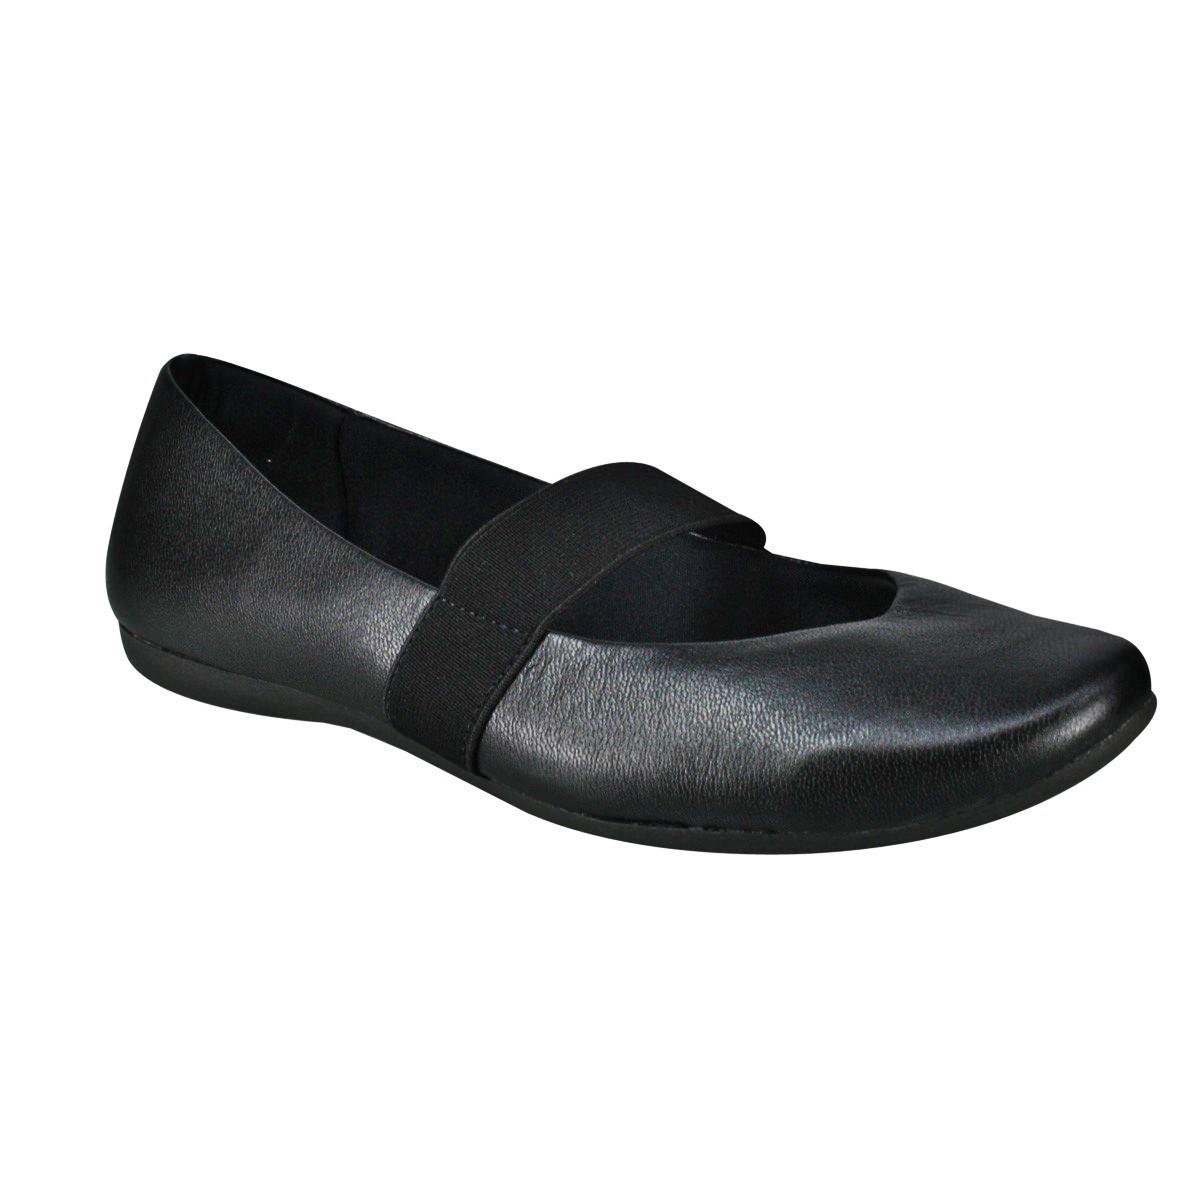 b04394b59e7 Sapato Boneca Usaflex T7503 50 - Preto (Caprina Laminado) - Calçados ...